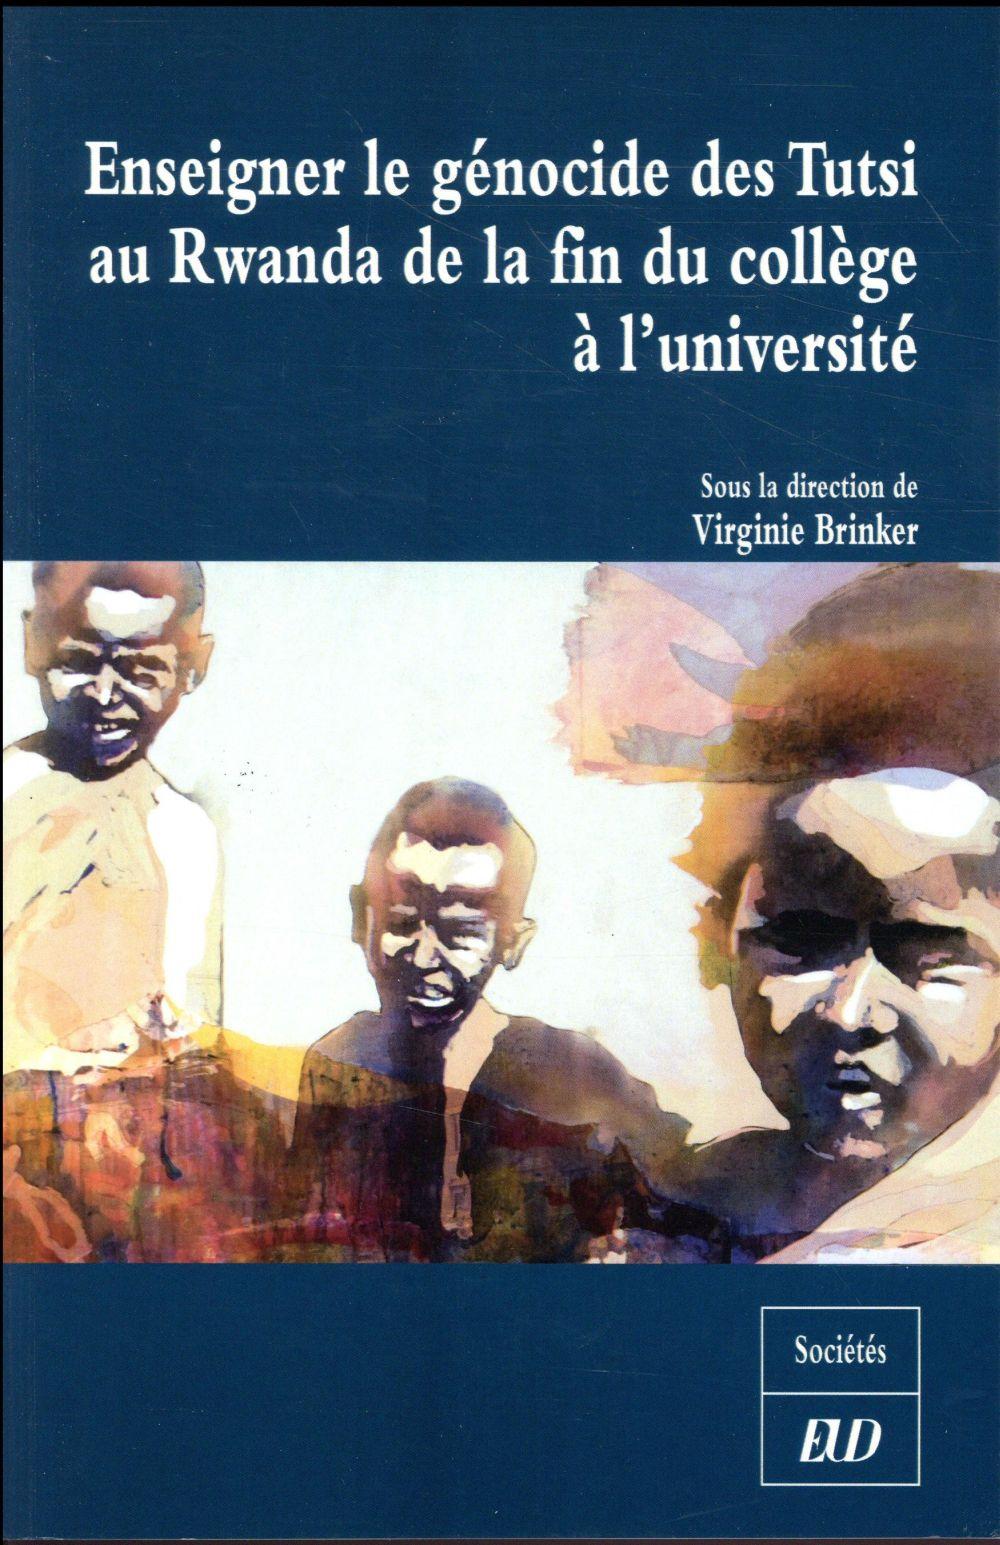 Enseigner le génocide des Tutsi de la fin du collège à l'université